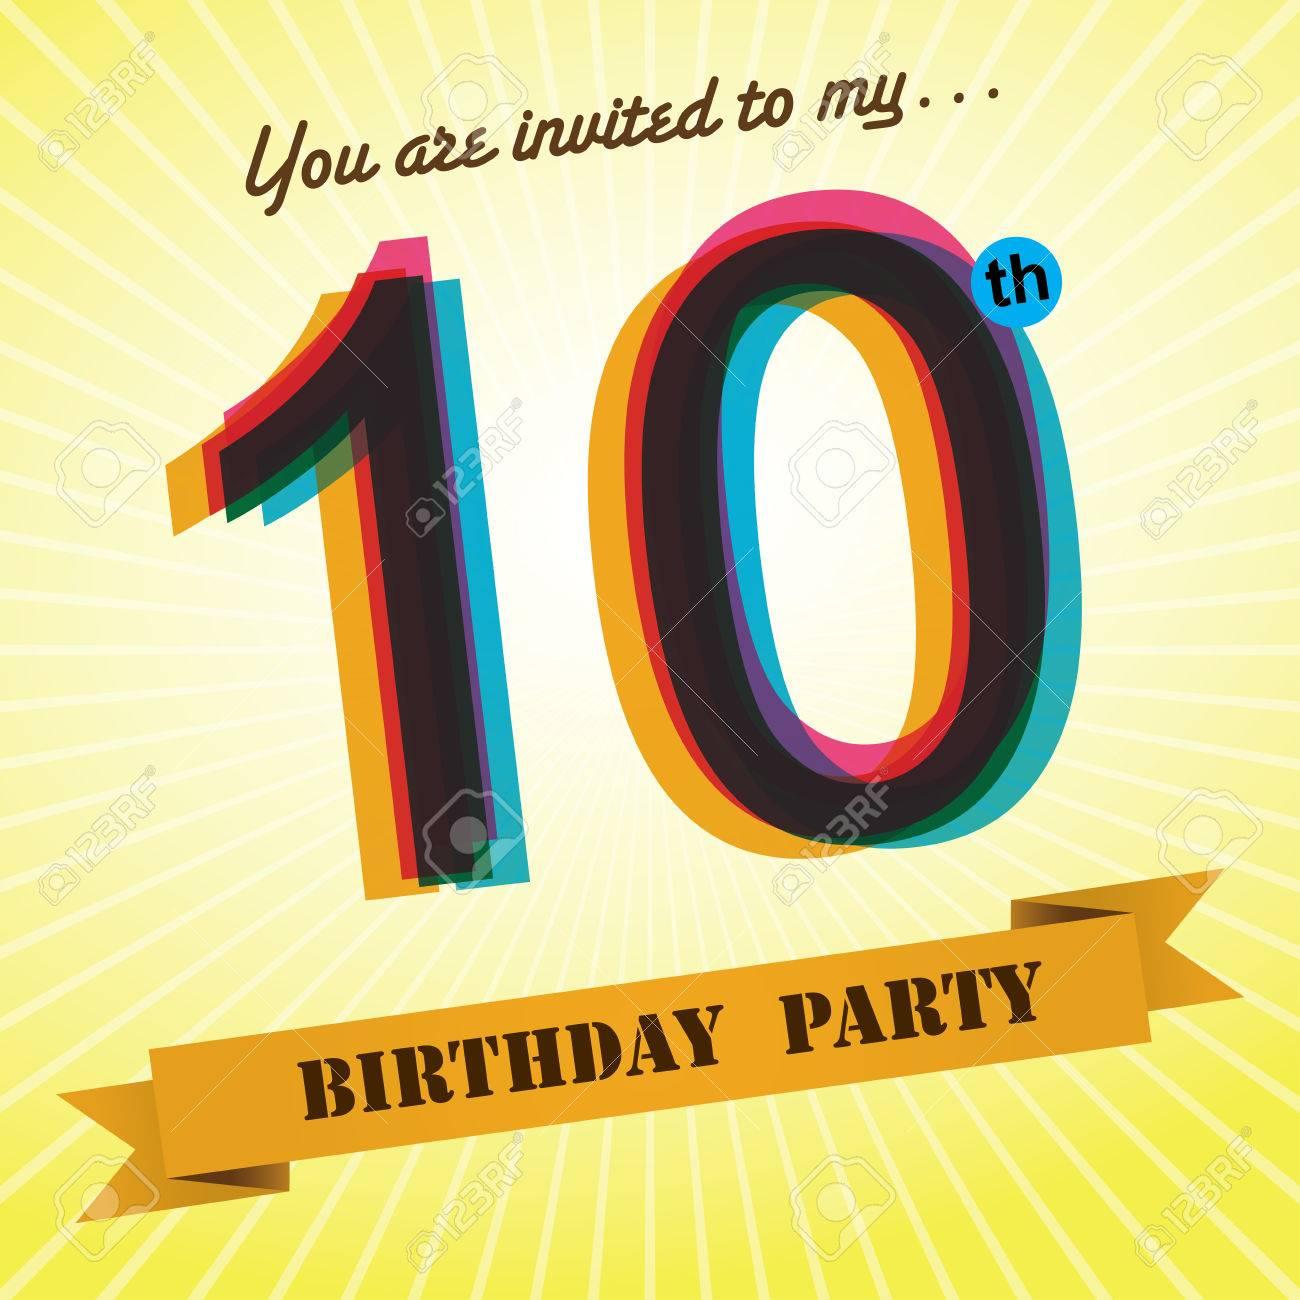 10th Birthday Party Invite Template Design Retro Style